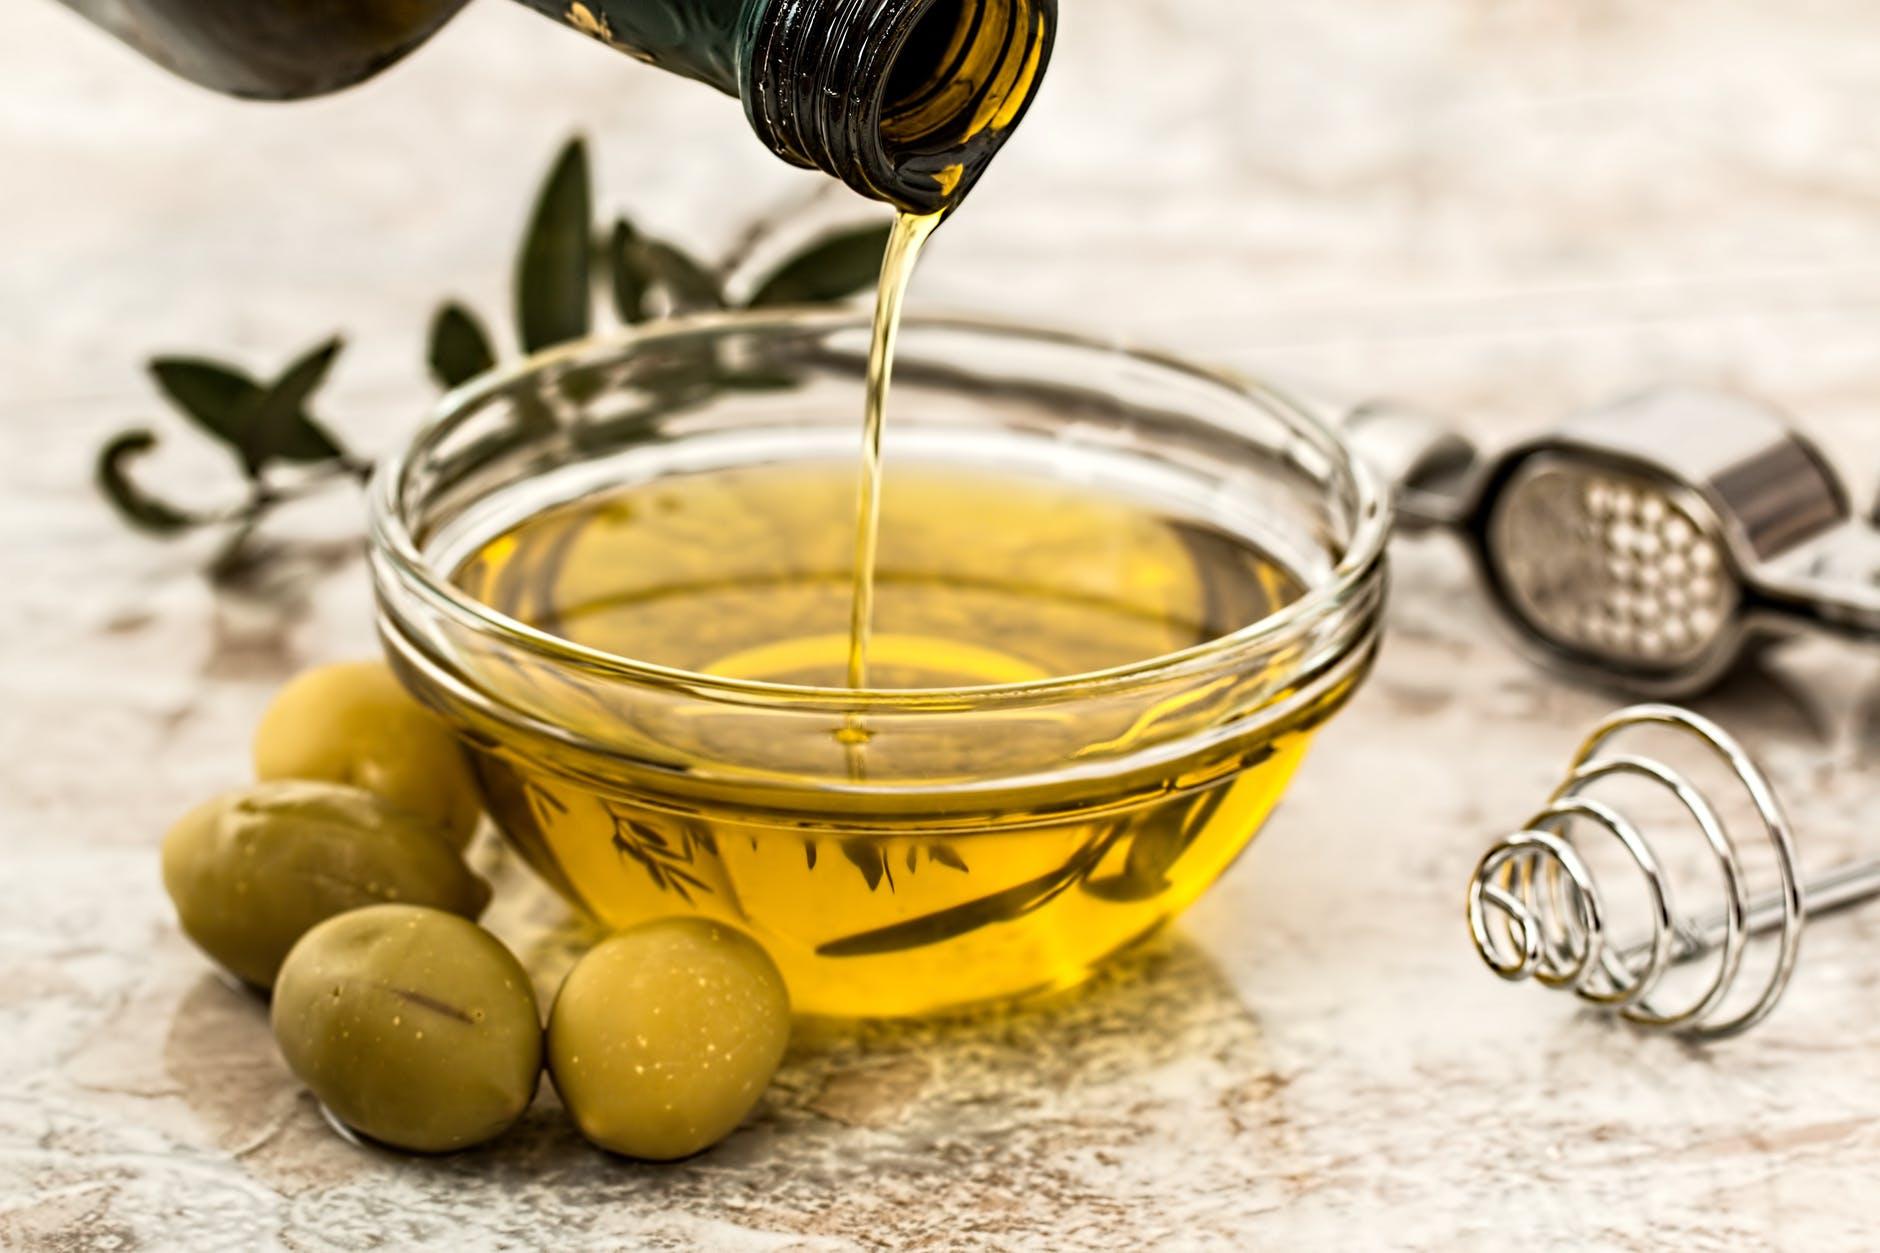 Разыскивается лучшее оливковое масло Extra Virgin Малаги 2020-2021